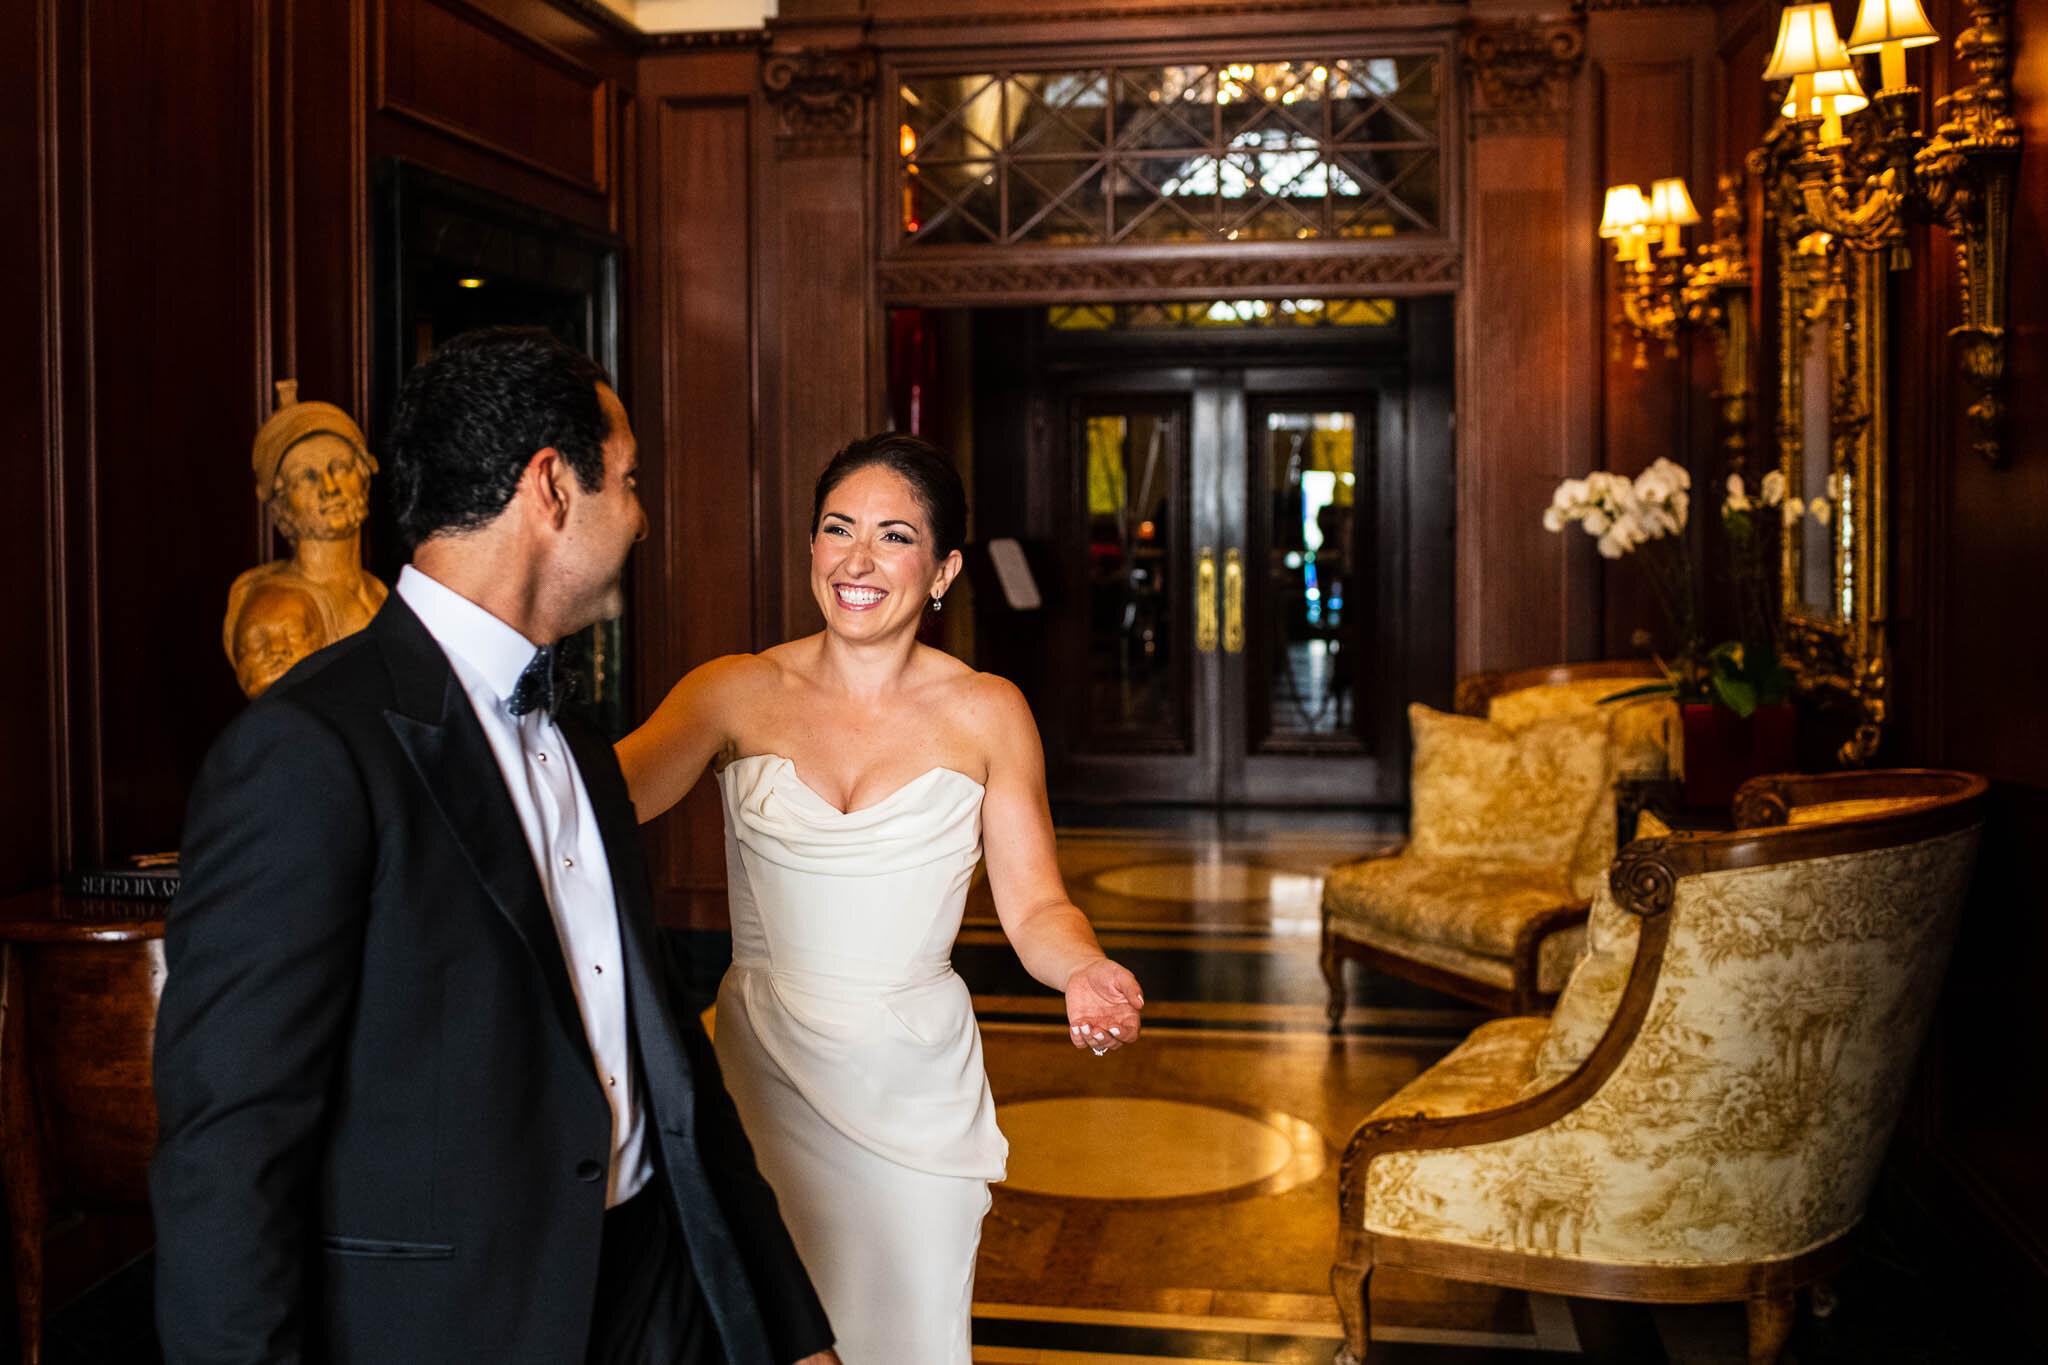 Montreal Wedding Photographer AshleyMacPhee (13 of 49).jpg